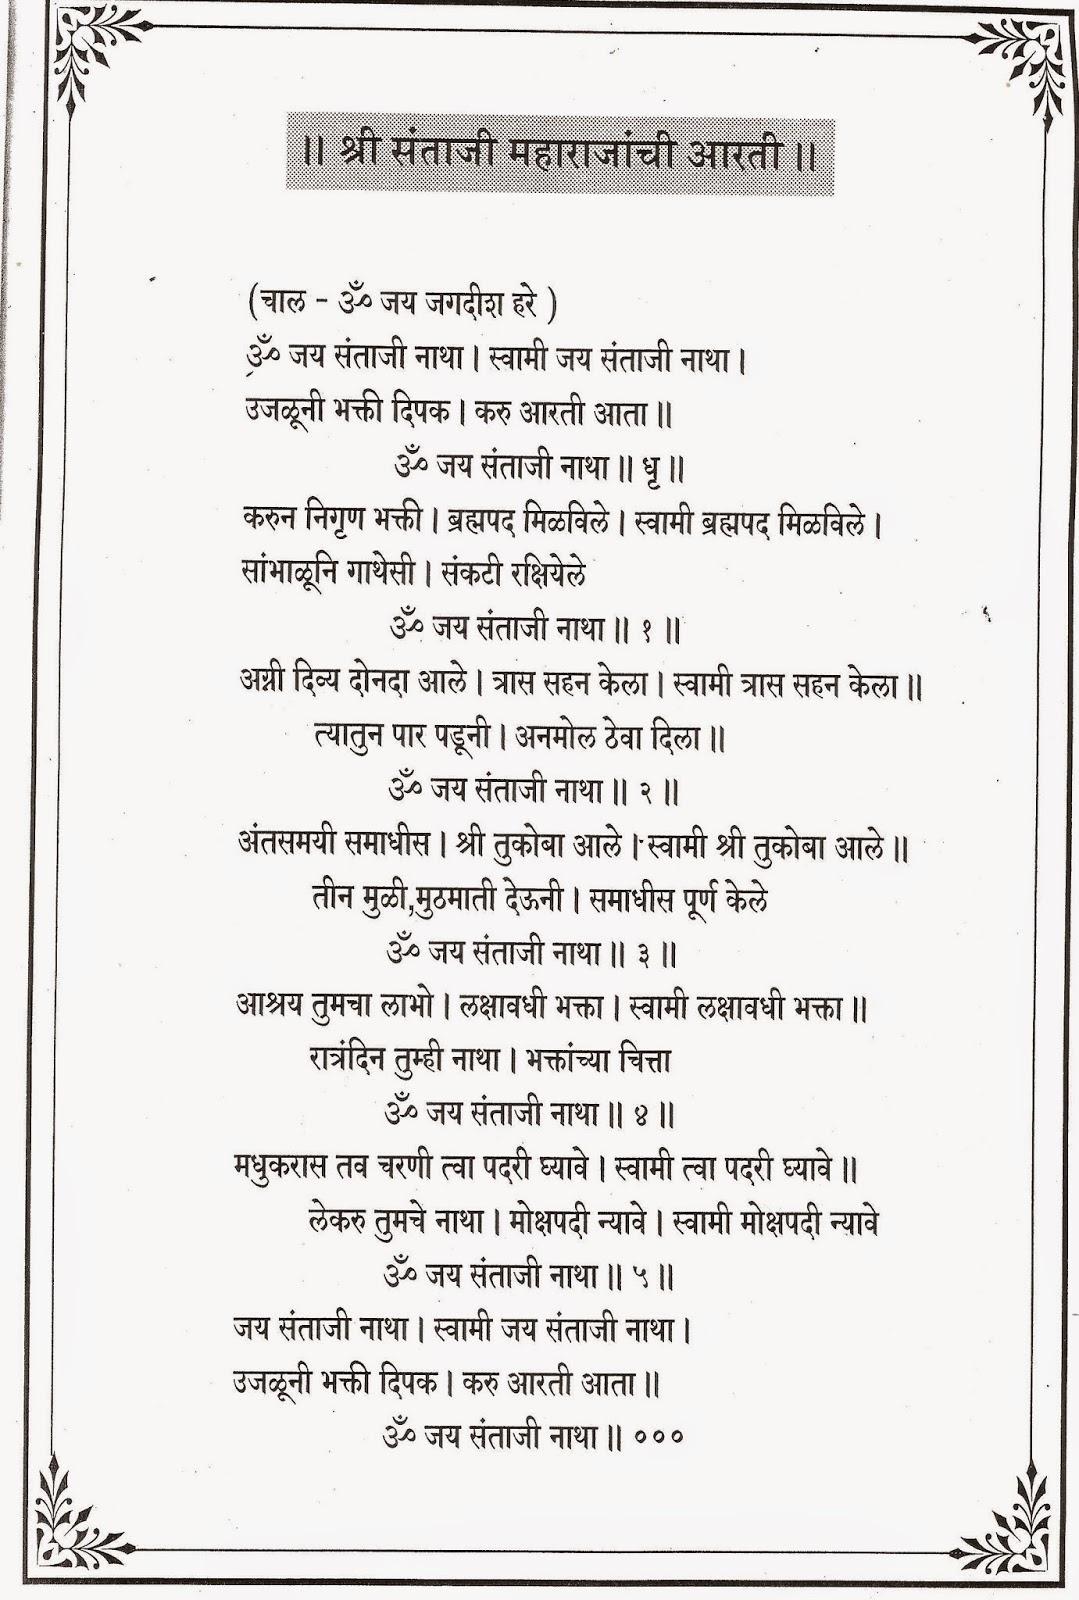 proof of heaven pdf in marathi